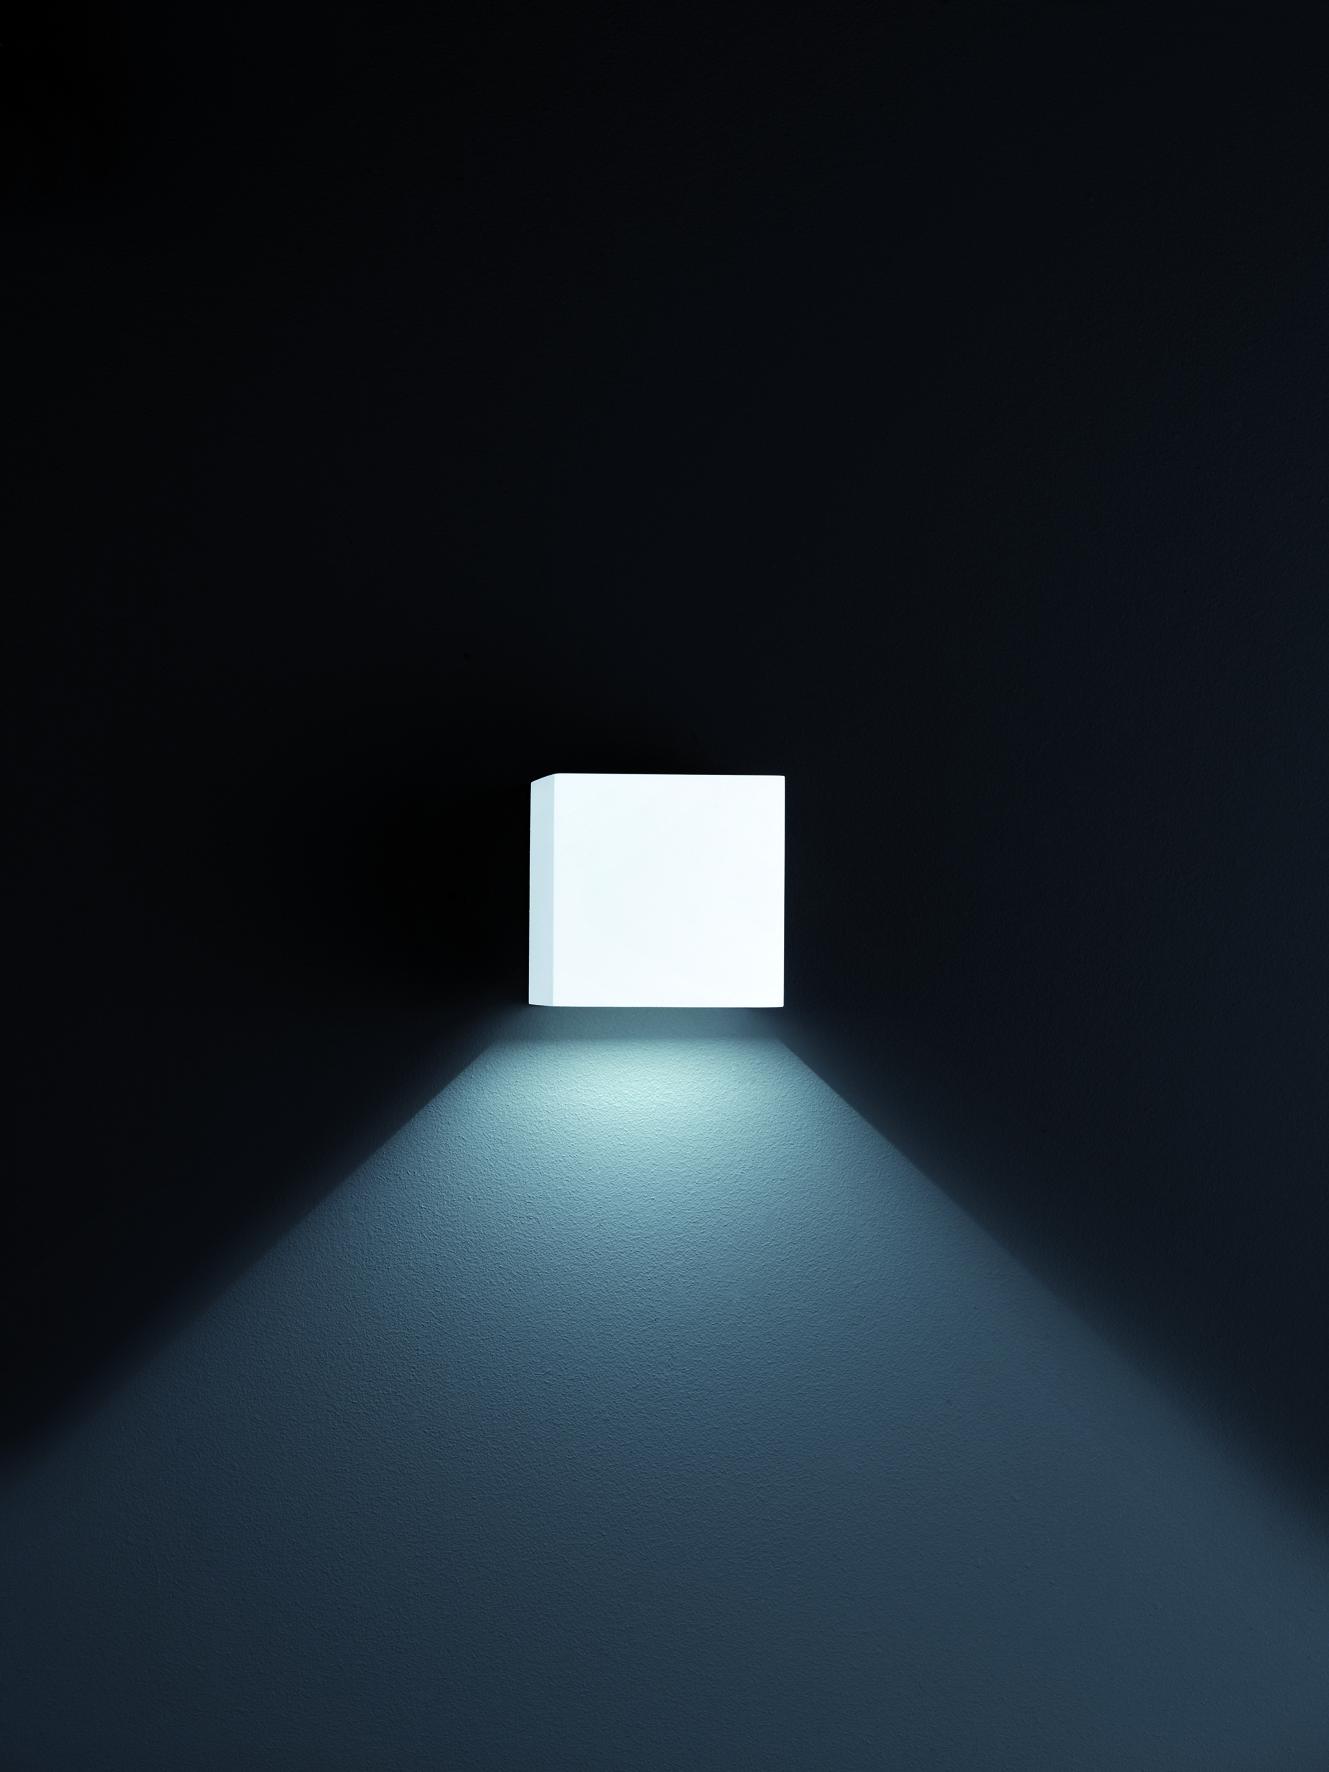 Aussenleuchten von Helestra Leuchten SIRI 44 LED-Wandleuchte, Lichtaustritt nach oben u. unten verstellbar A28242.07